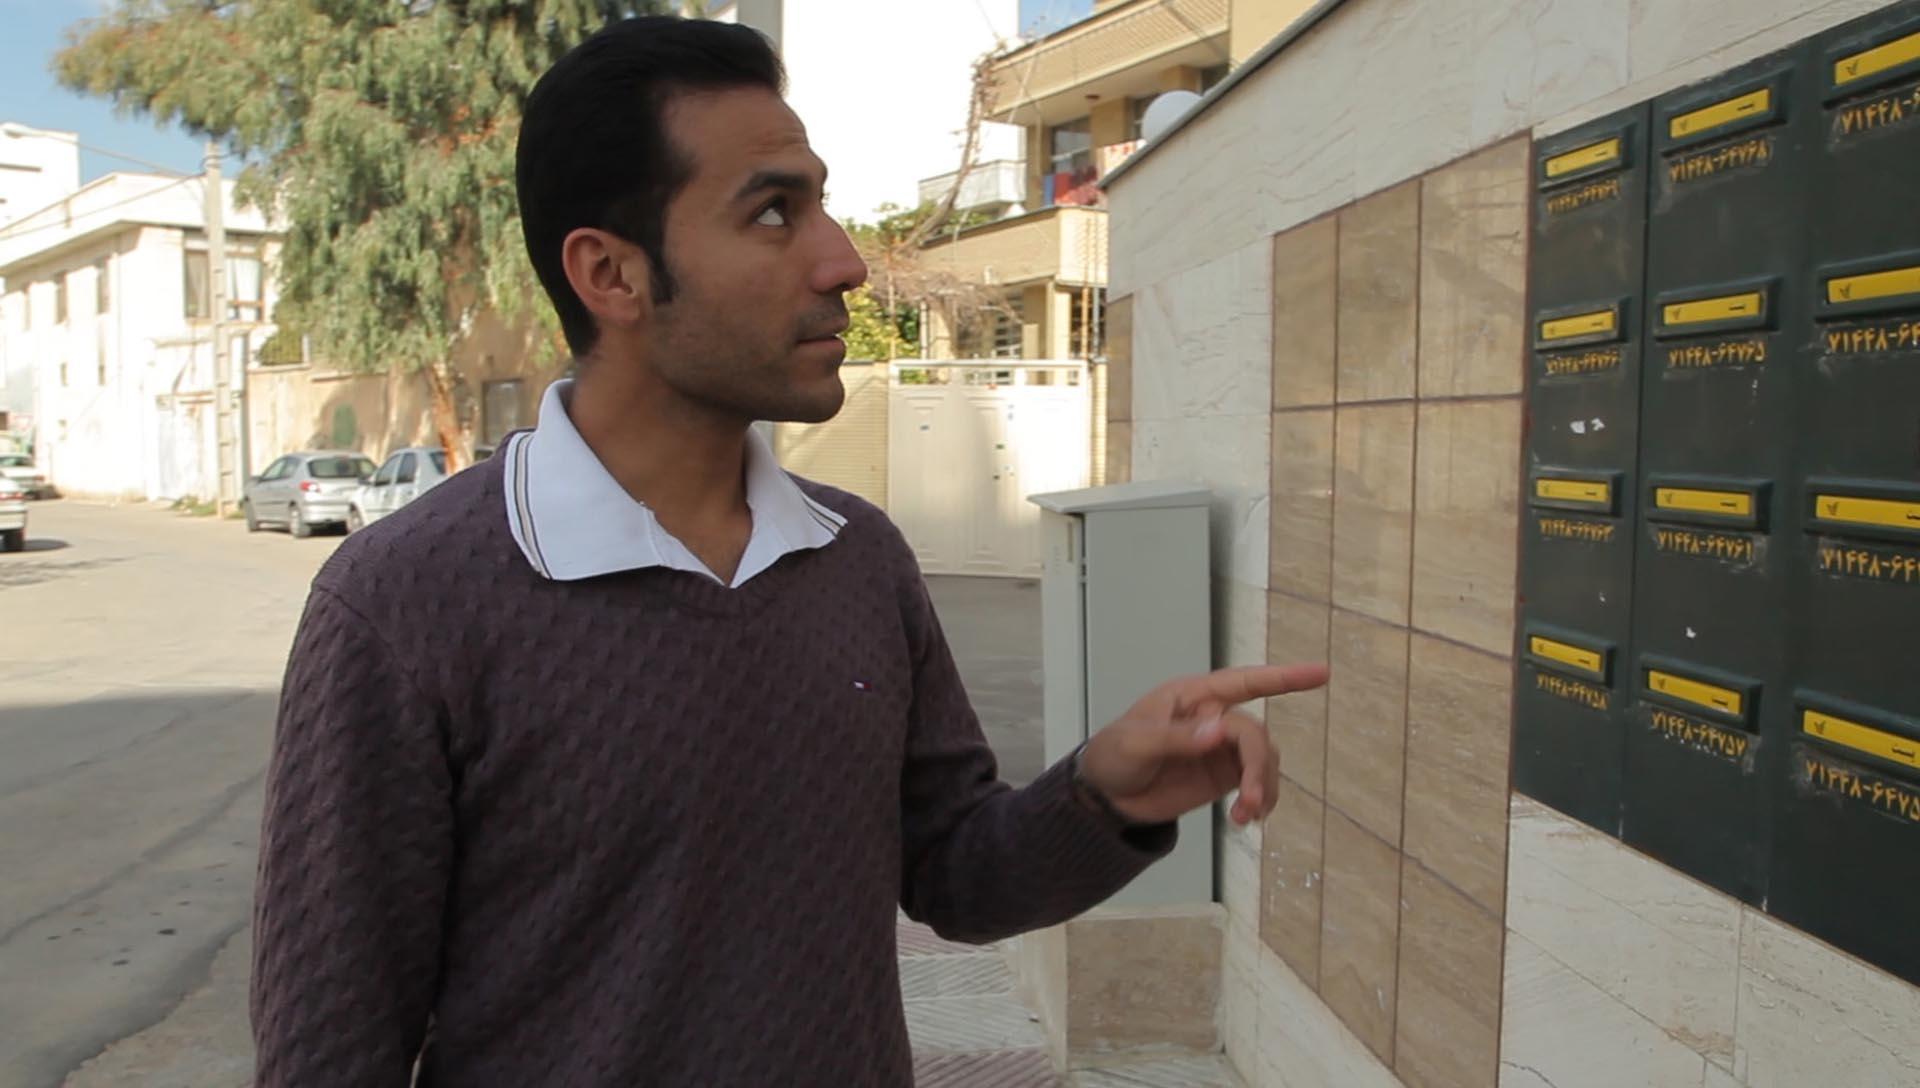 مکثی بعد از بیداری عکس 04- شرکت فیلم سازی زوم شیراز برادران شریفی